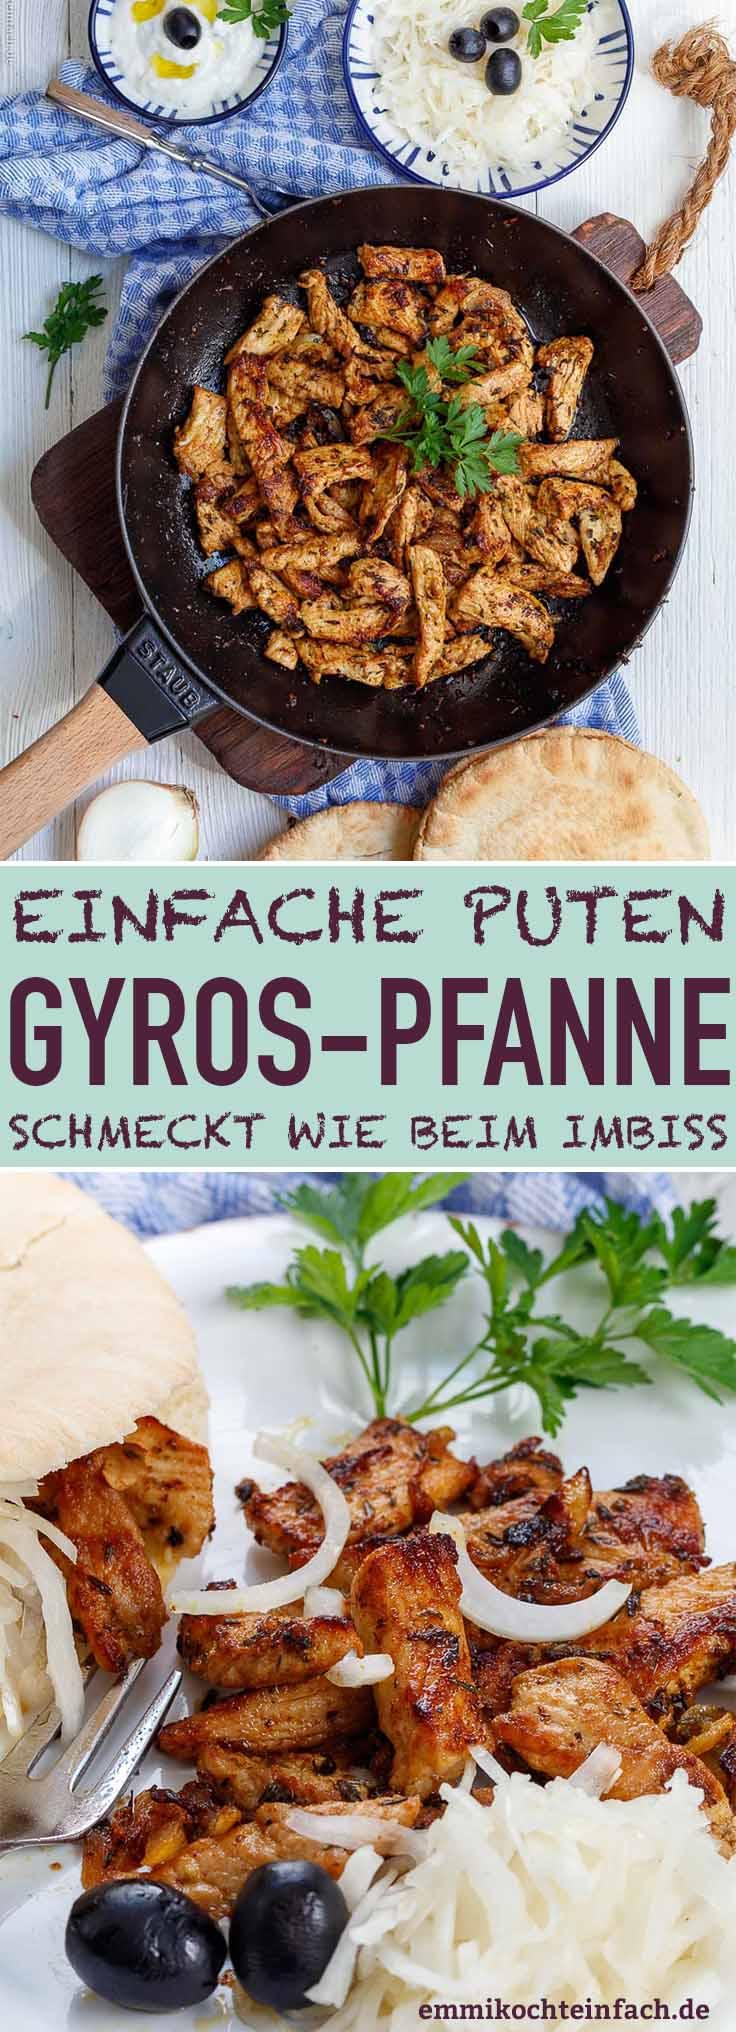 Schnell in der Pfanne gebraten - schmeckt wie beim Imbiss - www.emmikochteinfach.de